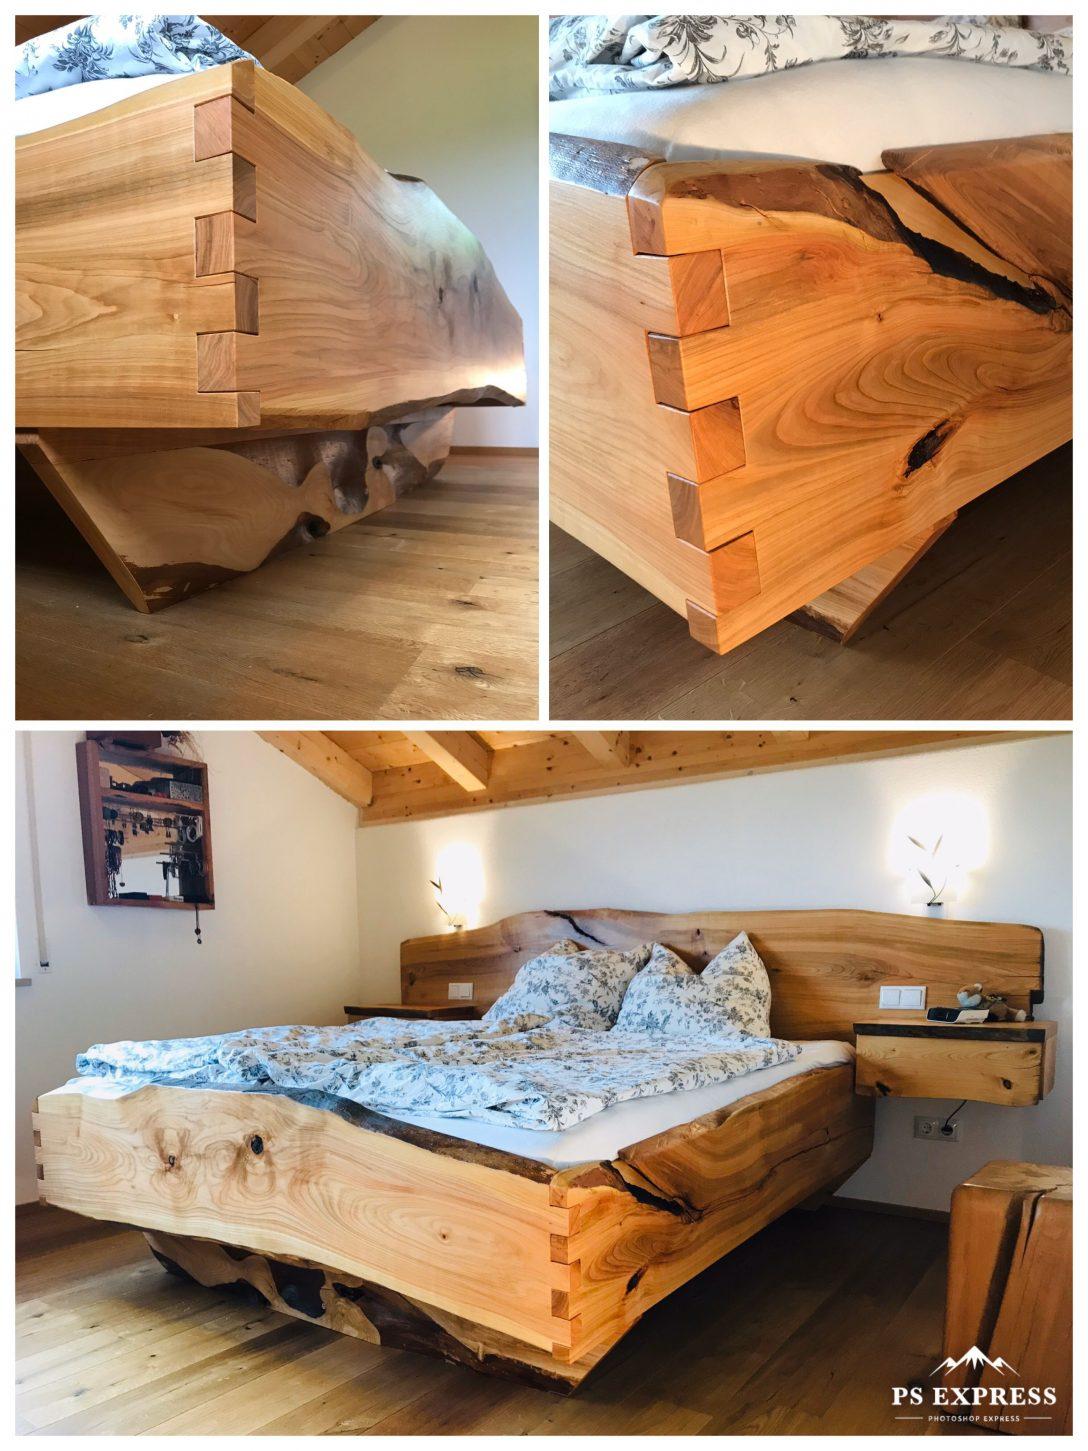 Large Size of Bett Zeichnen Gezinkt Kirschbaum Massivholz Wildholz Der 190x90 Bestes Betten Mit Schubladen Billige 90x200 Bock Weisses Landhausstil 180x200 Günstig Bett Bett 200x180